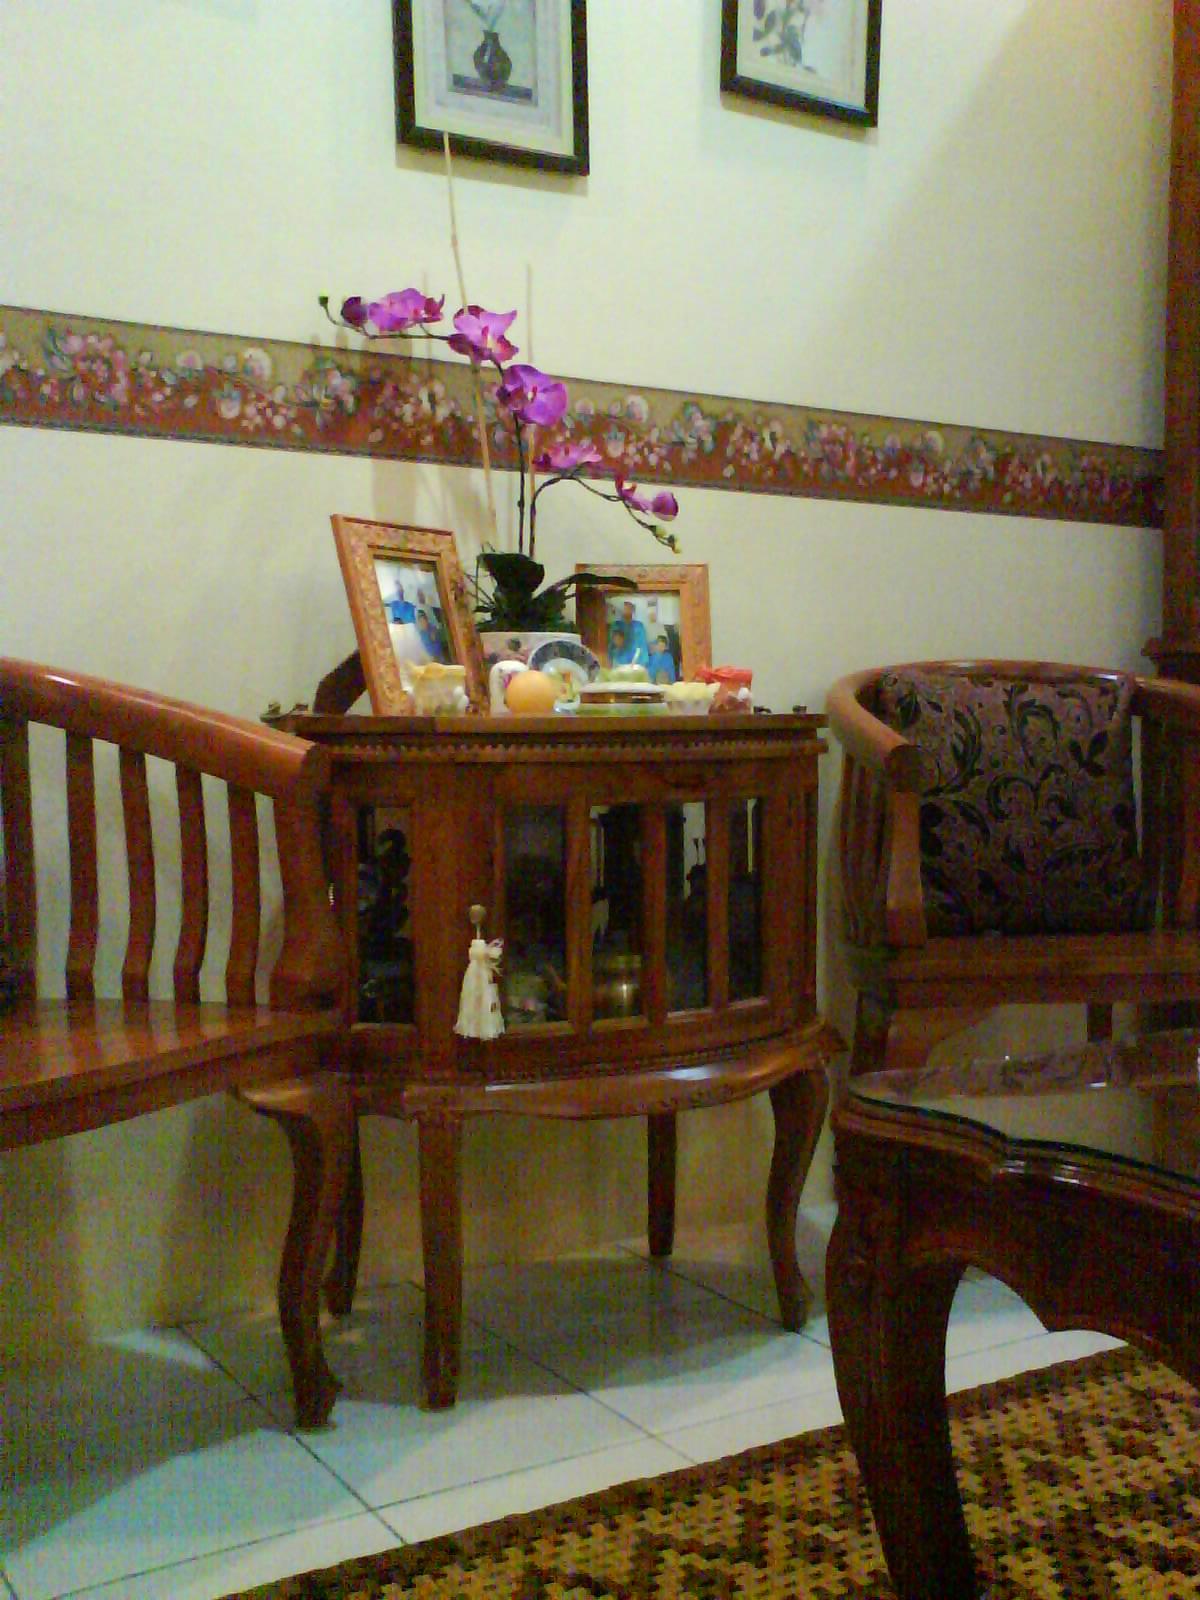 dekorasi rumah teres kos rendah to download dekorasi rumah teres kos ...